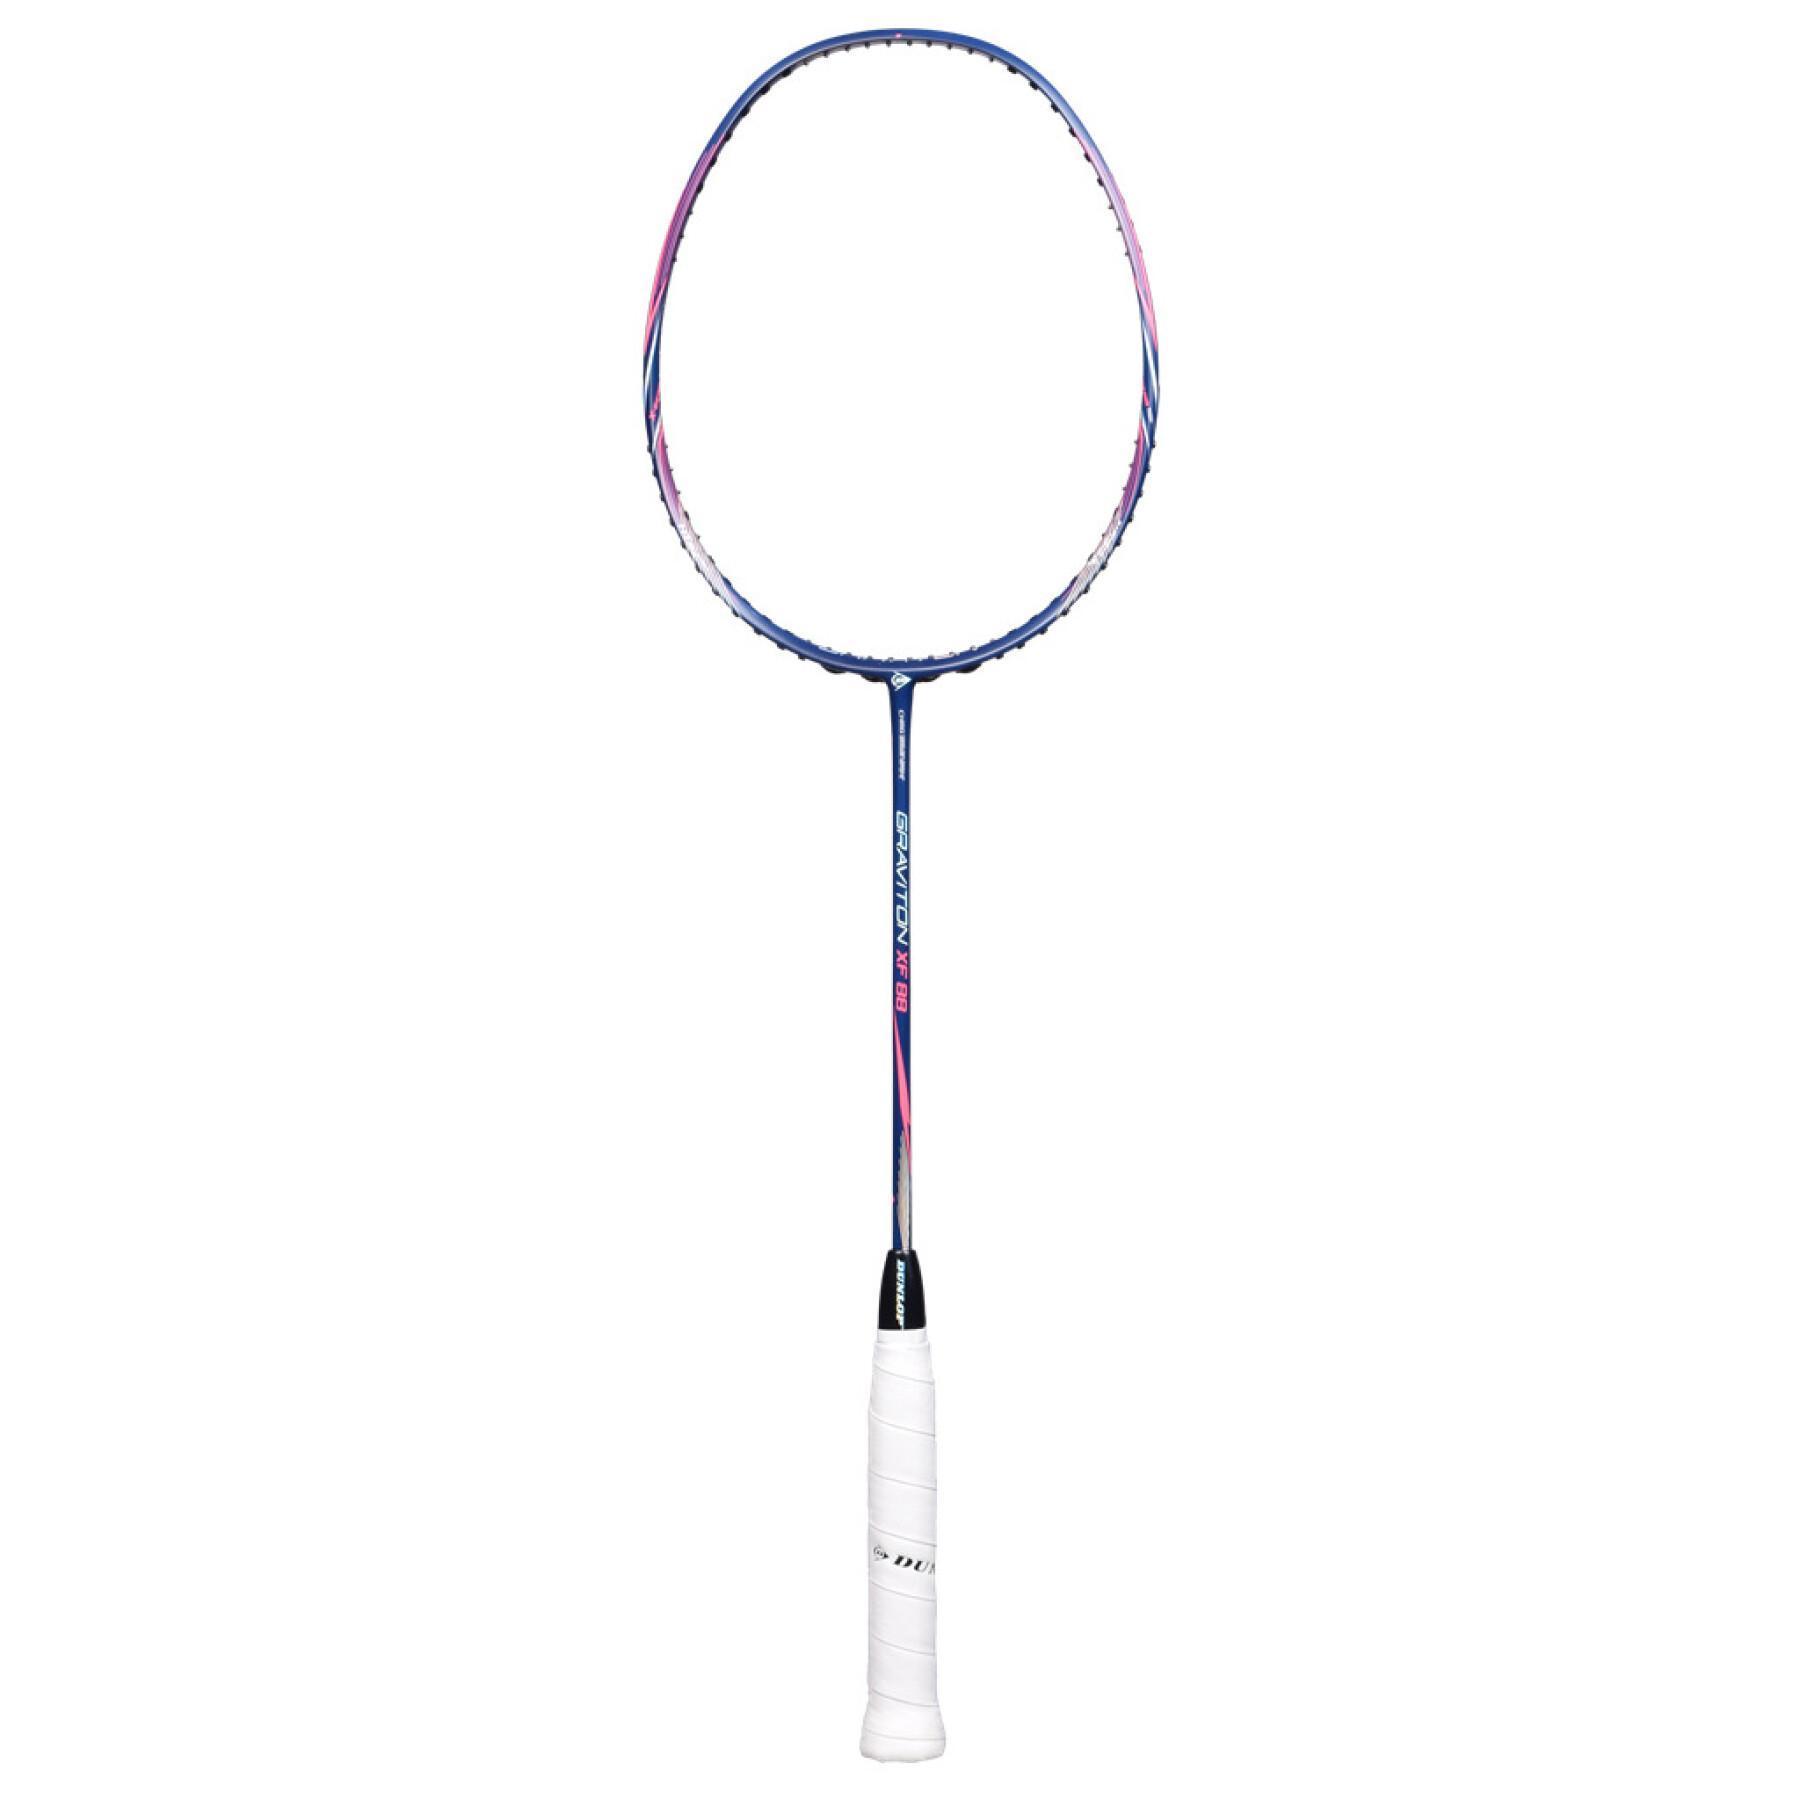 Racket Dunlop graviton xf 88